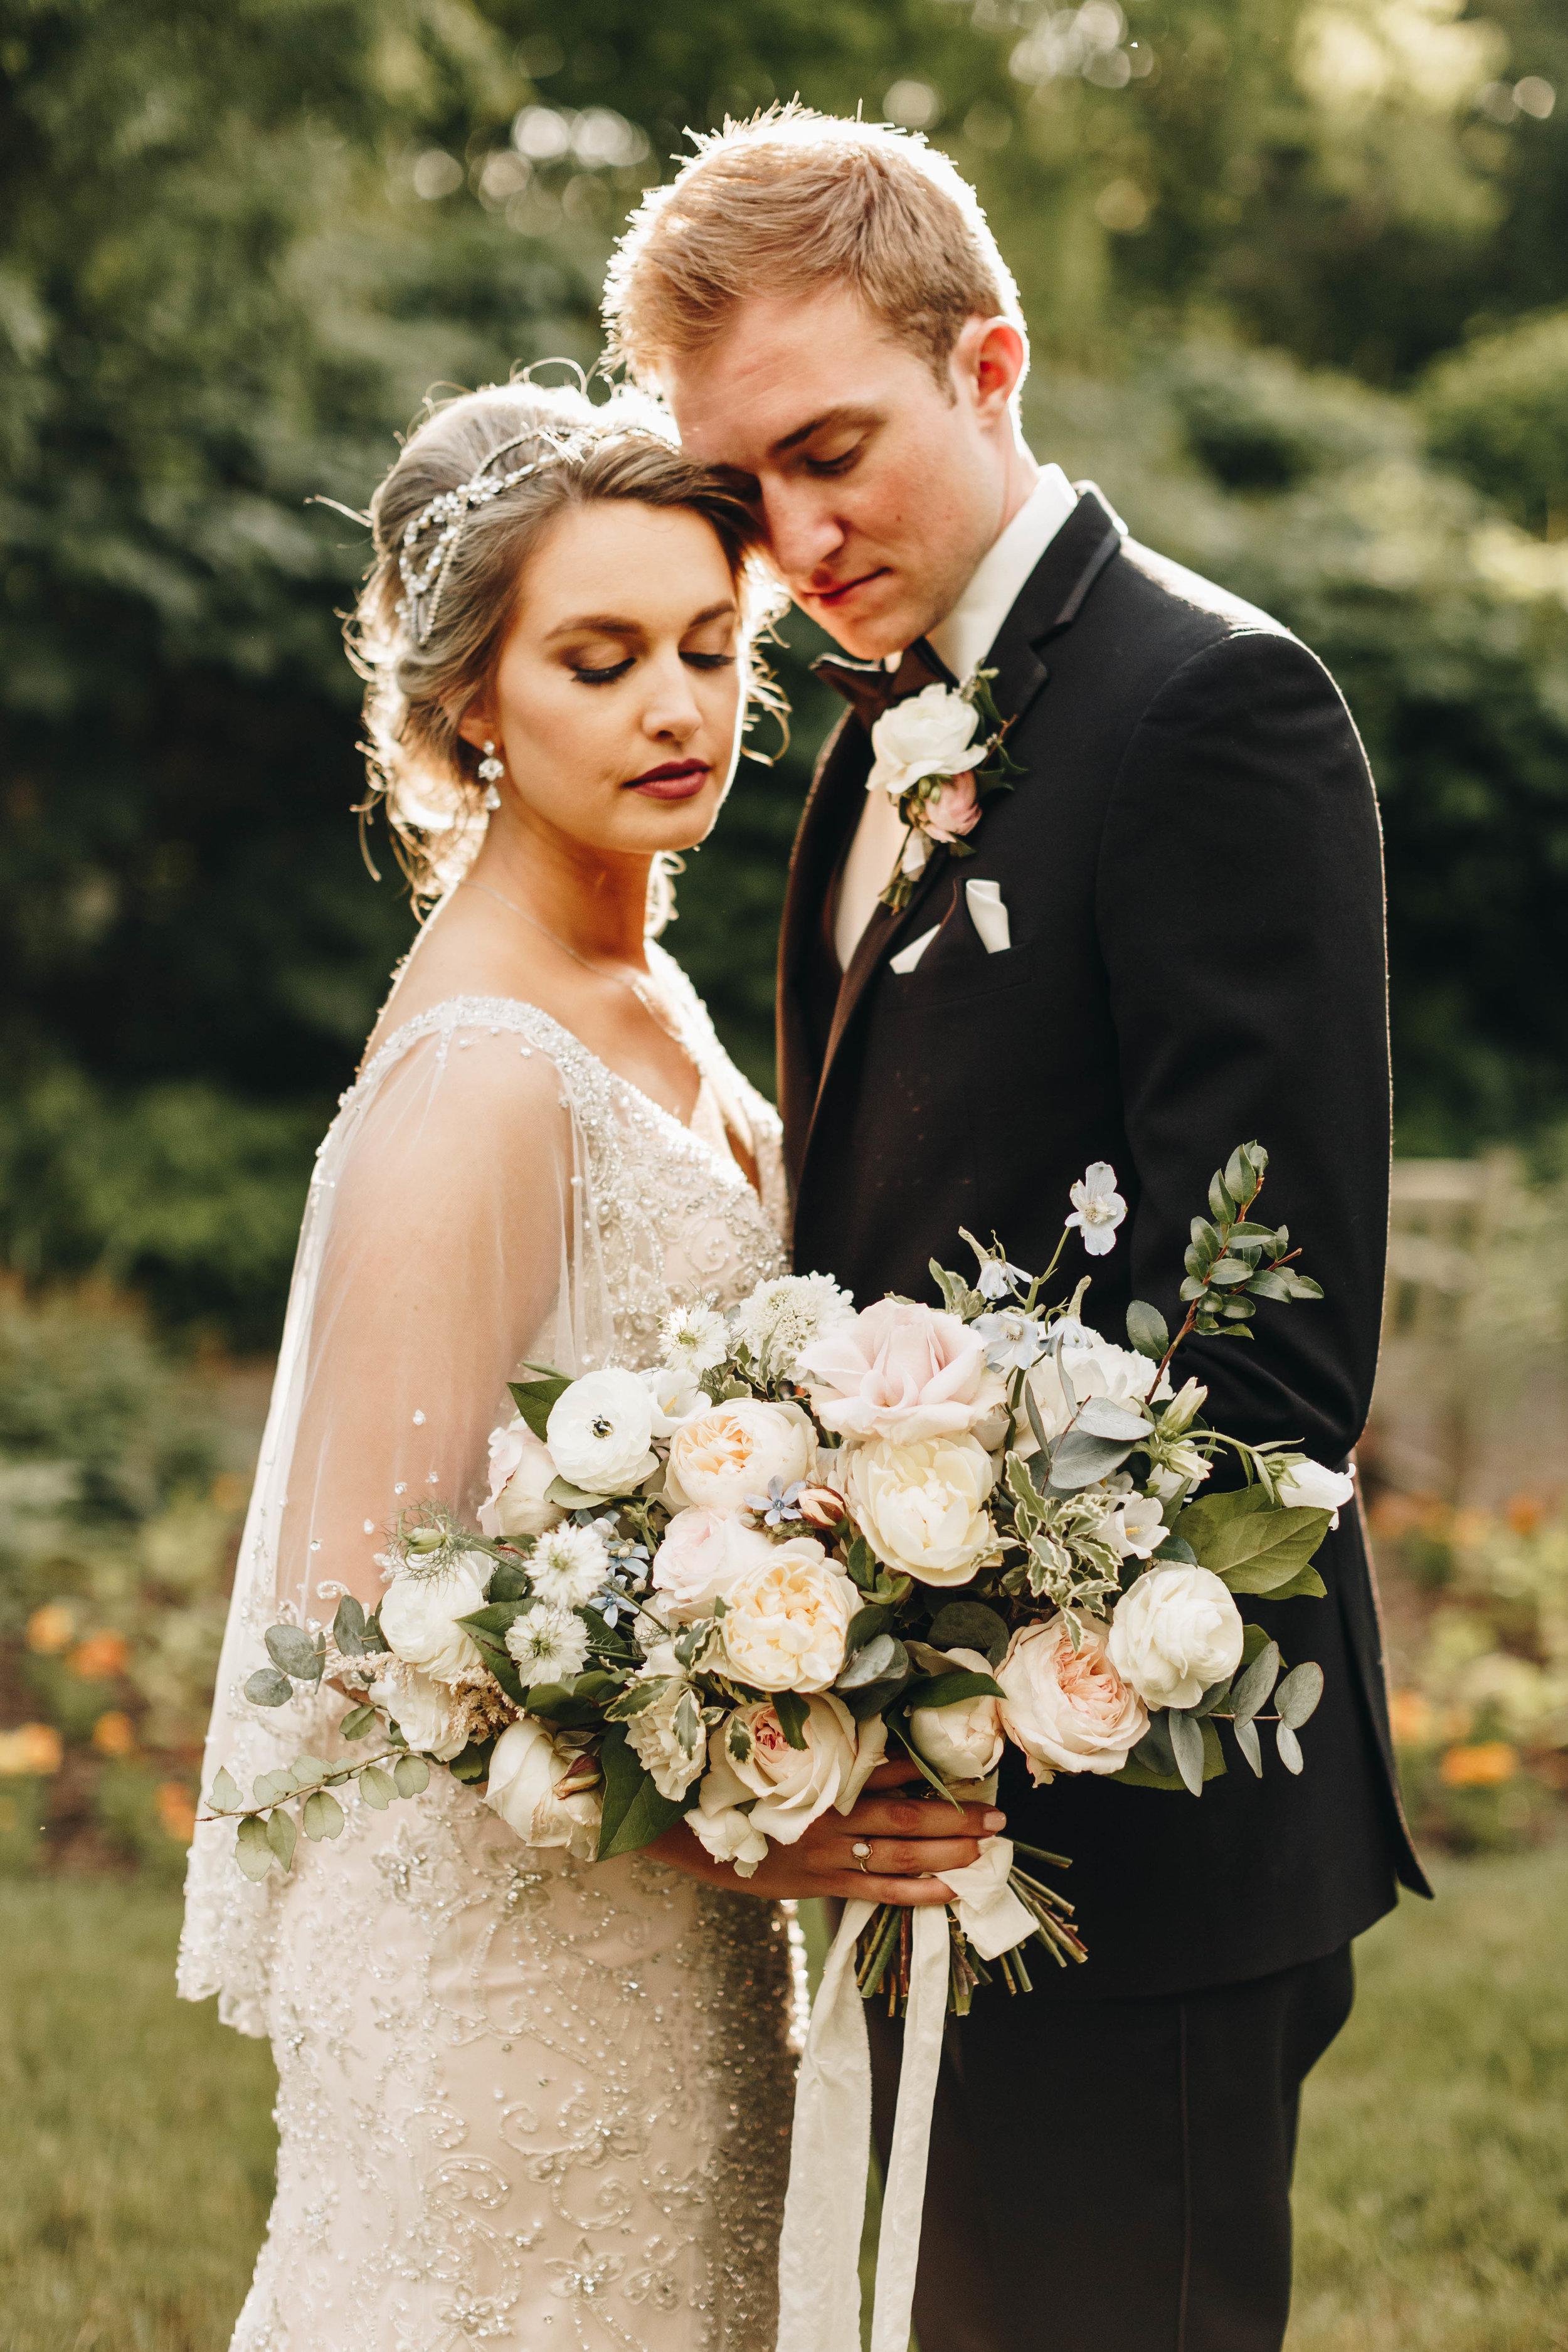 Cincinnati+wedding+photographer-48.jpeg